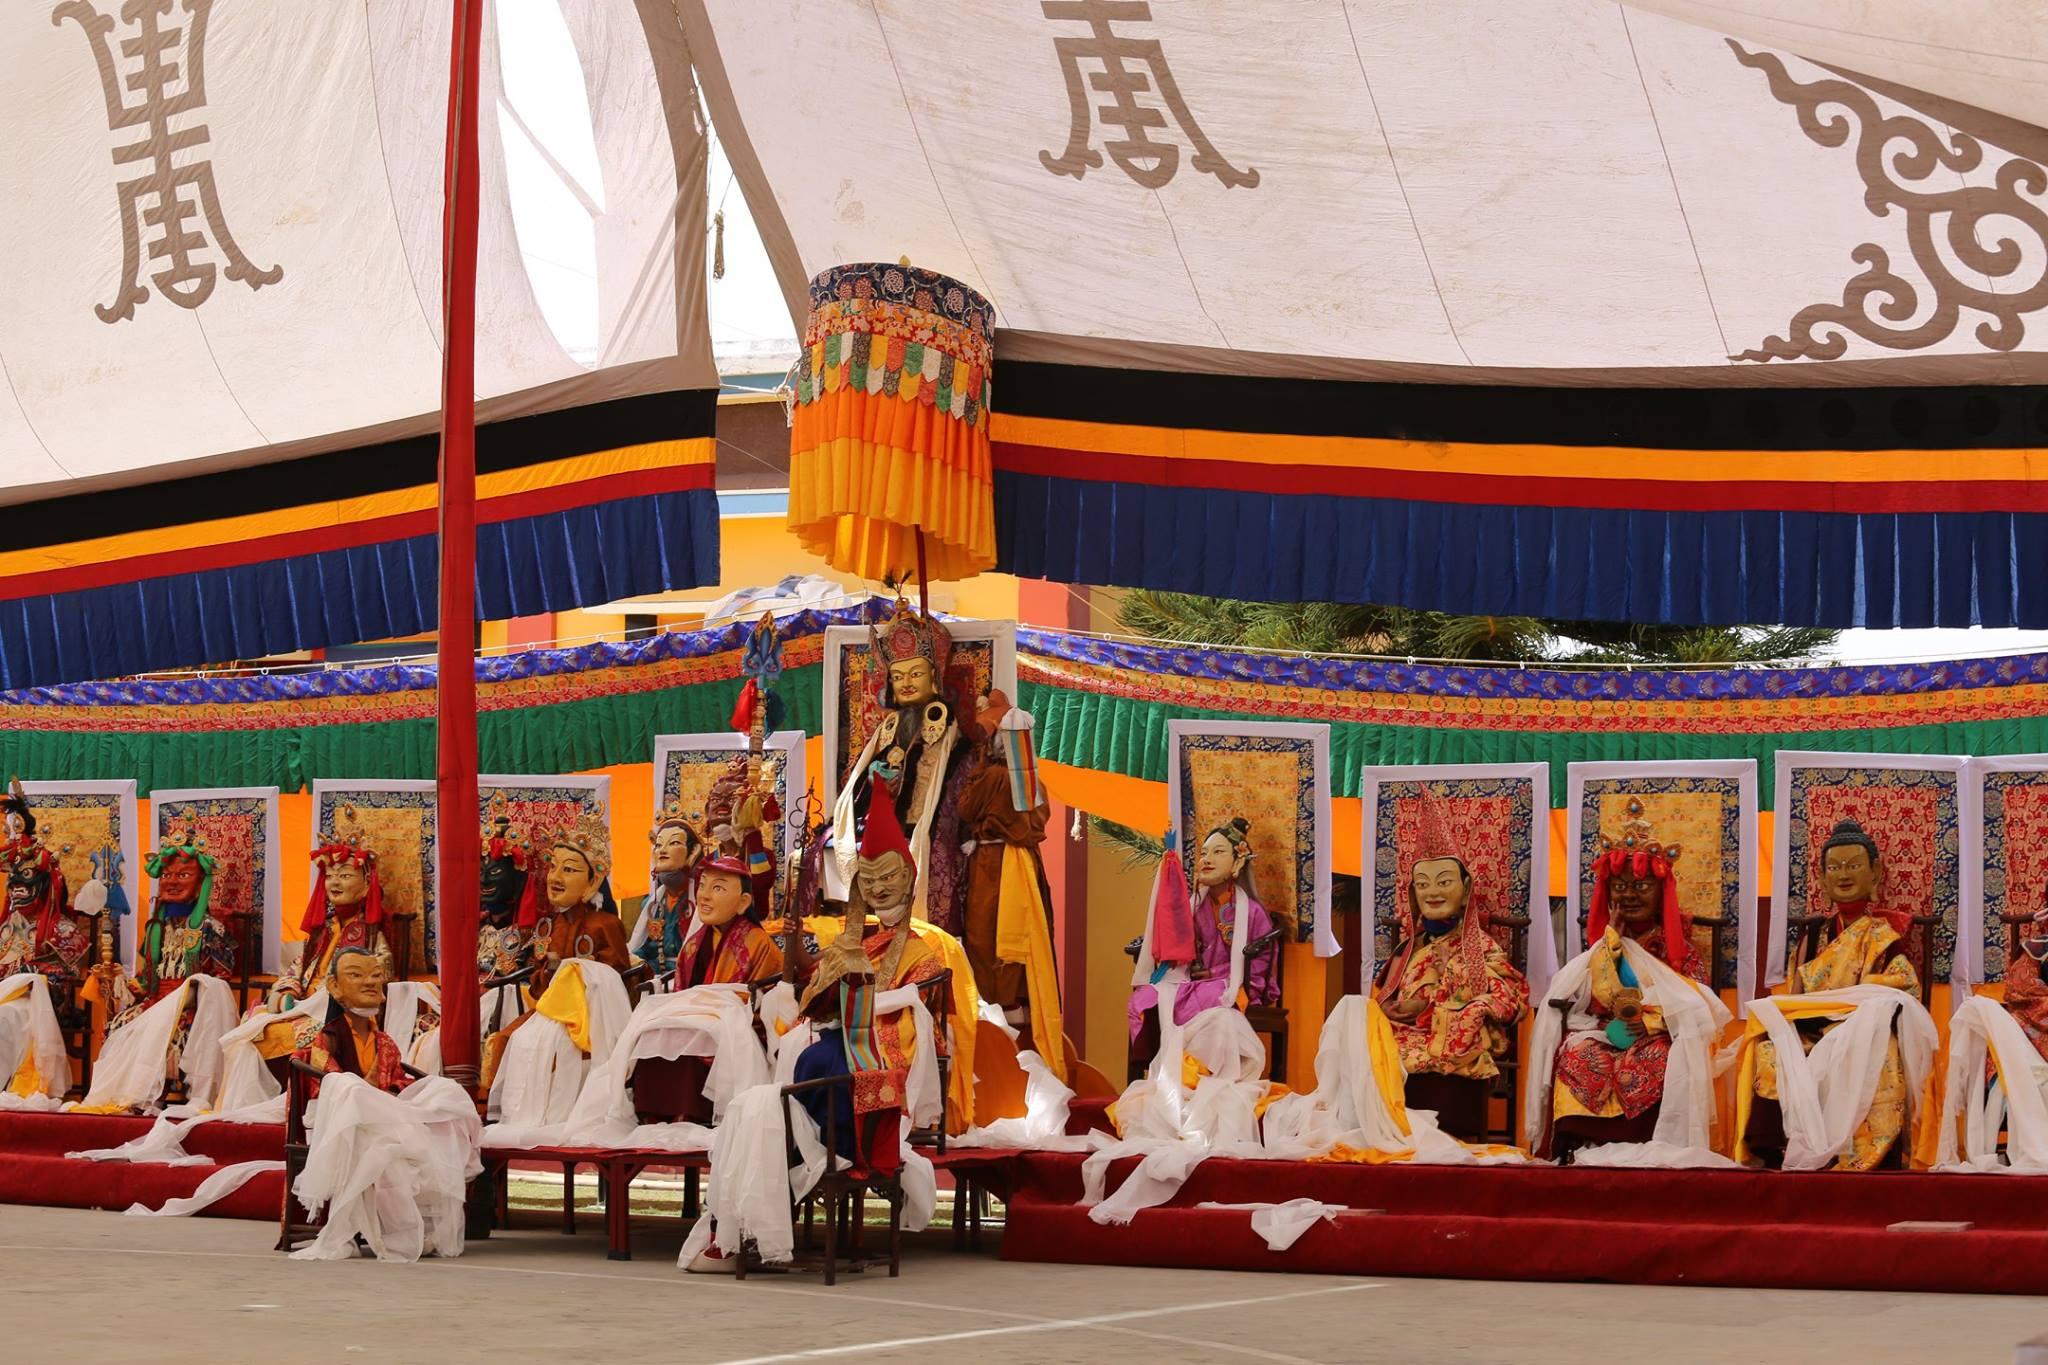 首次蒞台的札西炯蓮師金剛舞法會,由第九世 康祖法王親自主法,敬請把握殊勝難得因緣,蒞臨盛會!